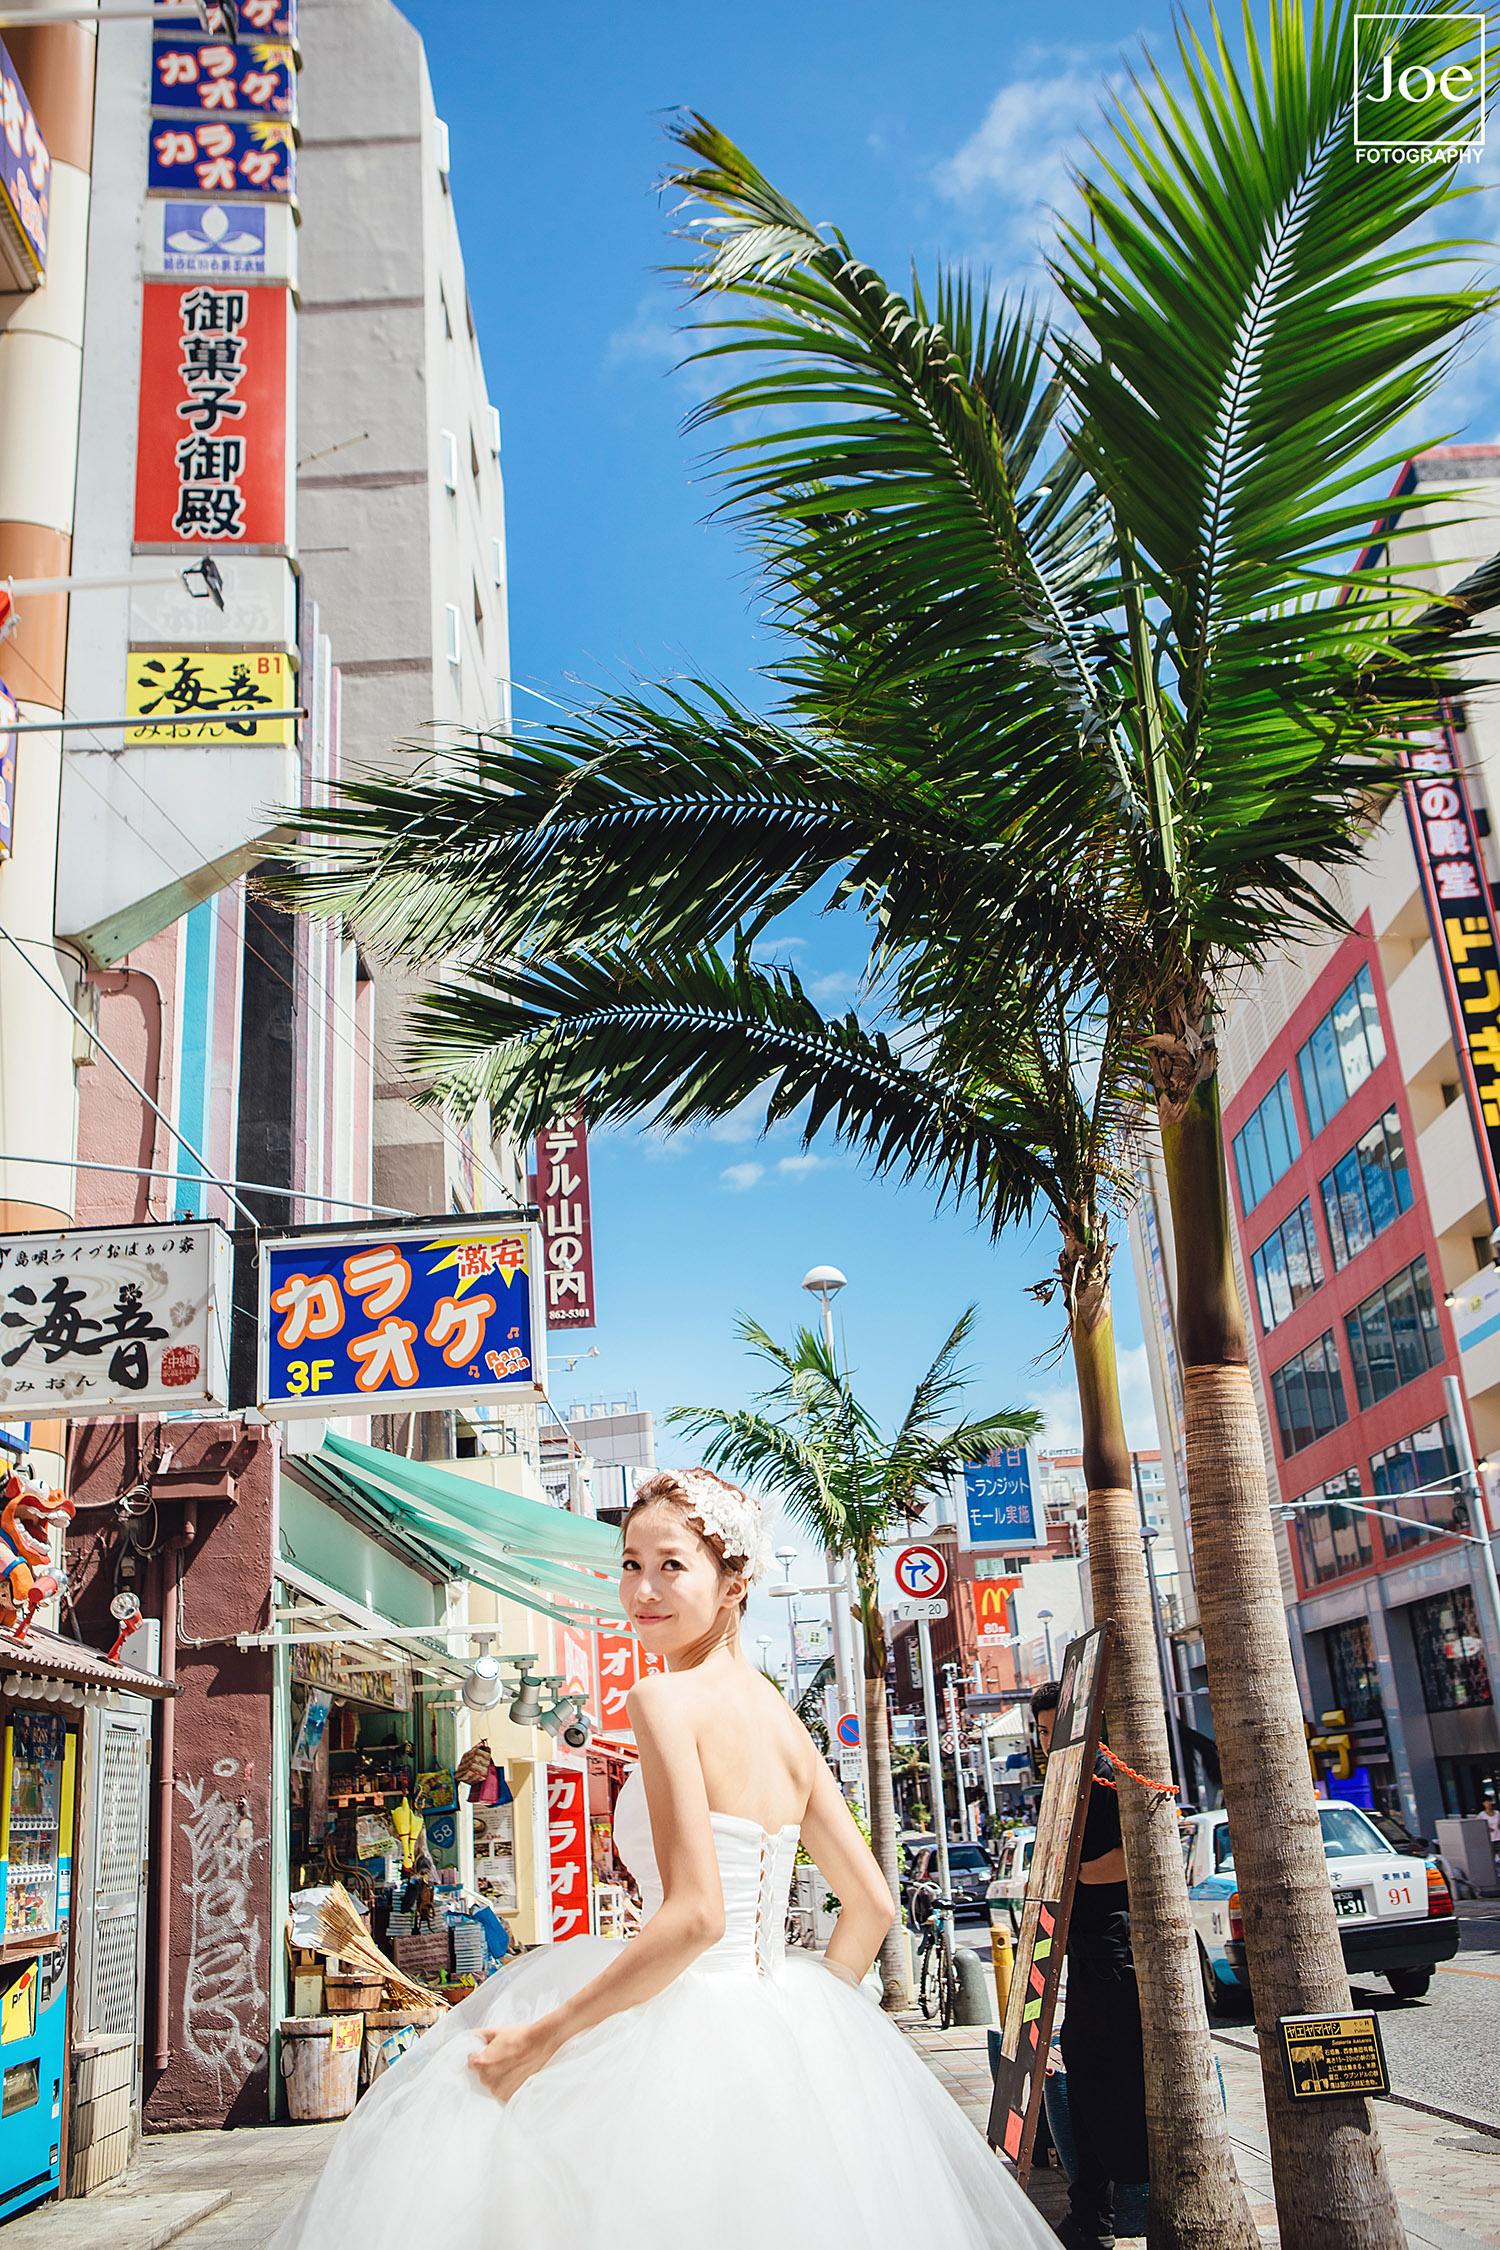 08-okinawa-kokusai-dori-pre-wedding-melody-amigo-joe-fotography.jpg